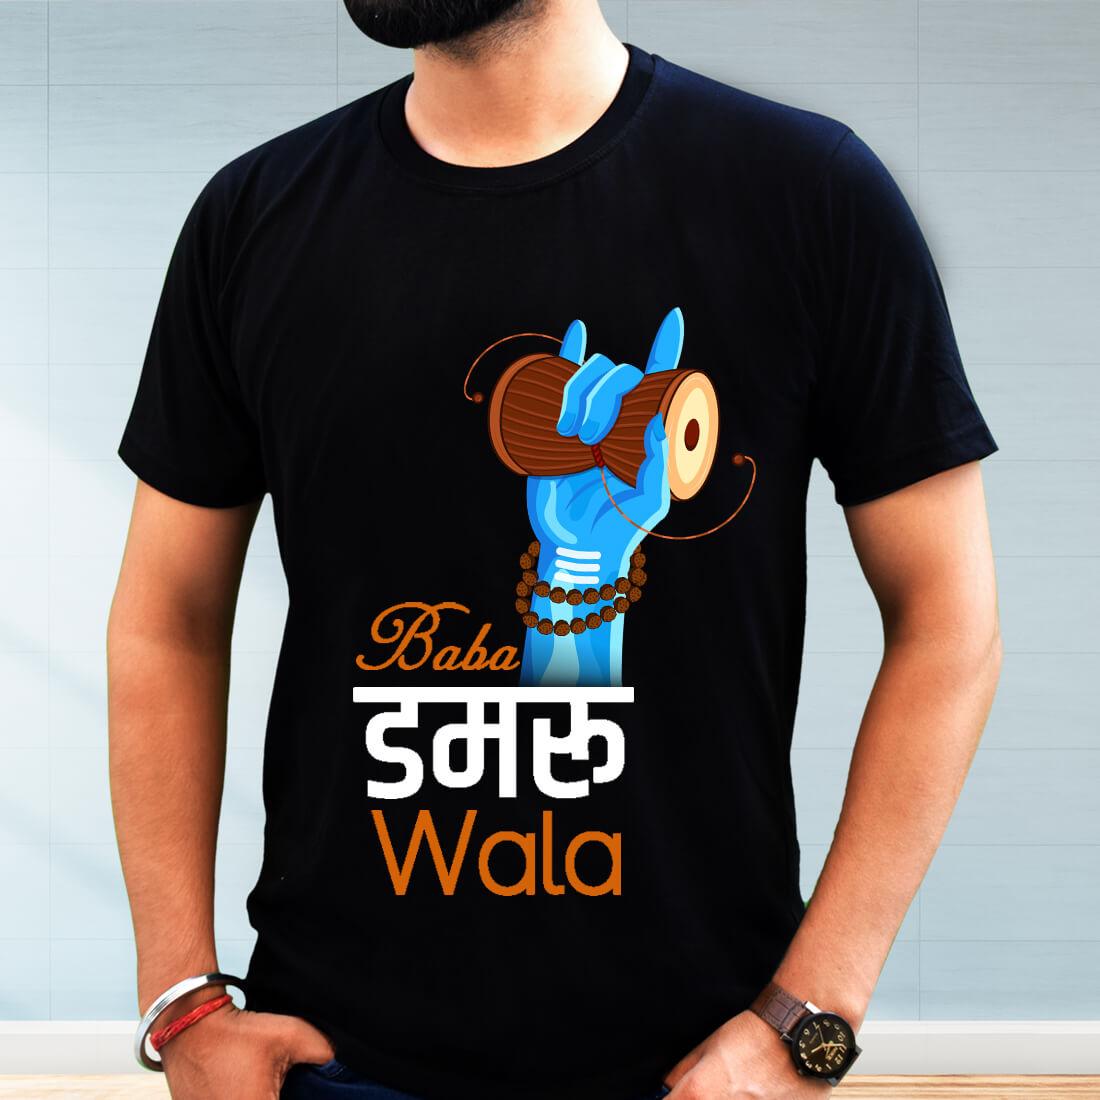 Baba Damru Wala Printed Black Plain T Shirt